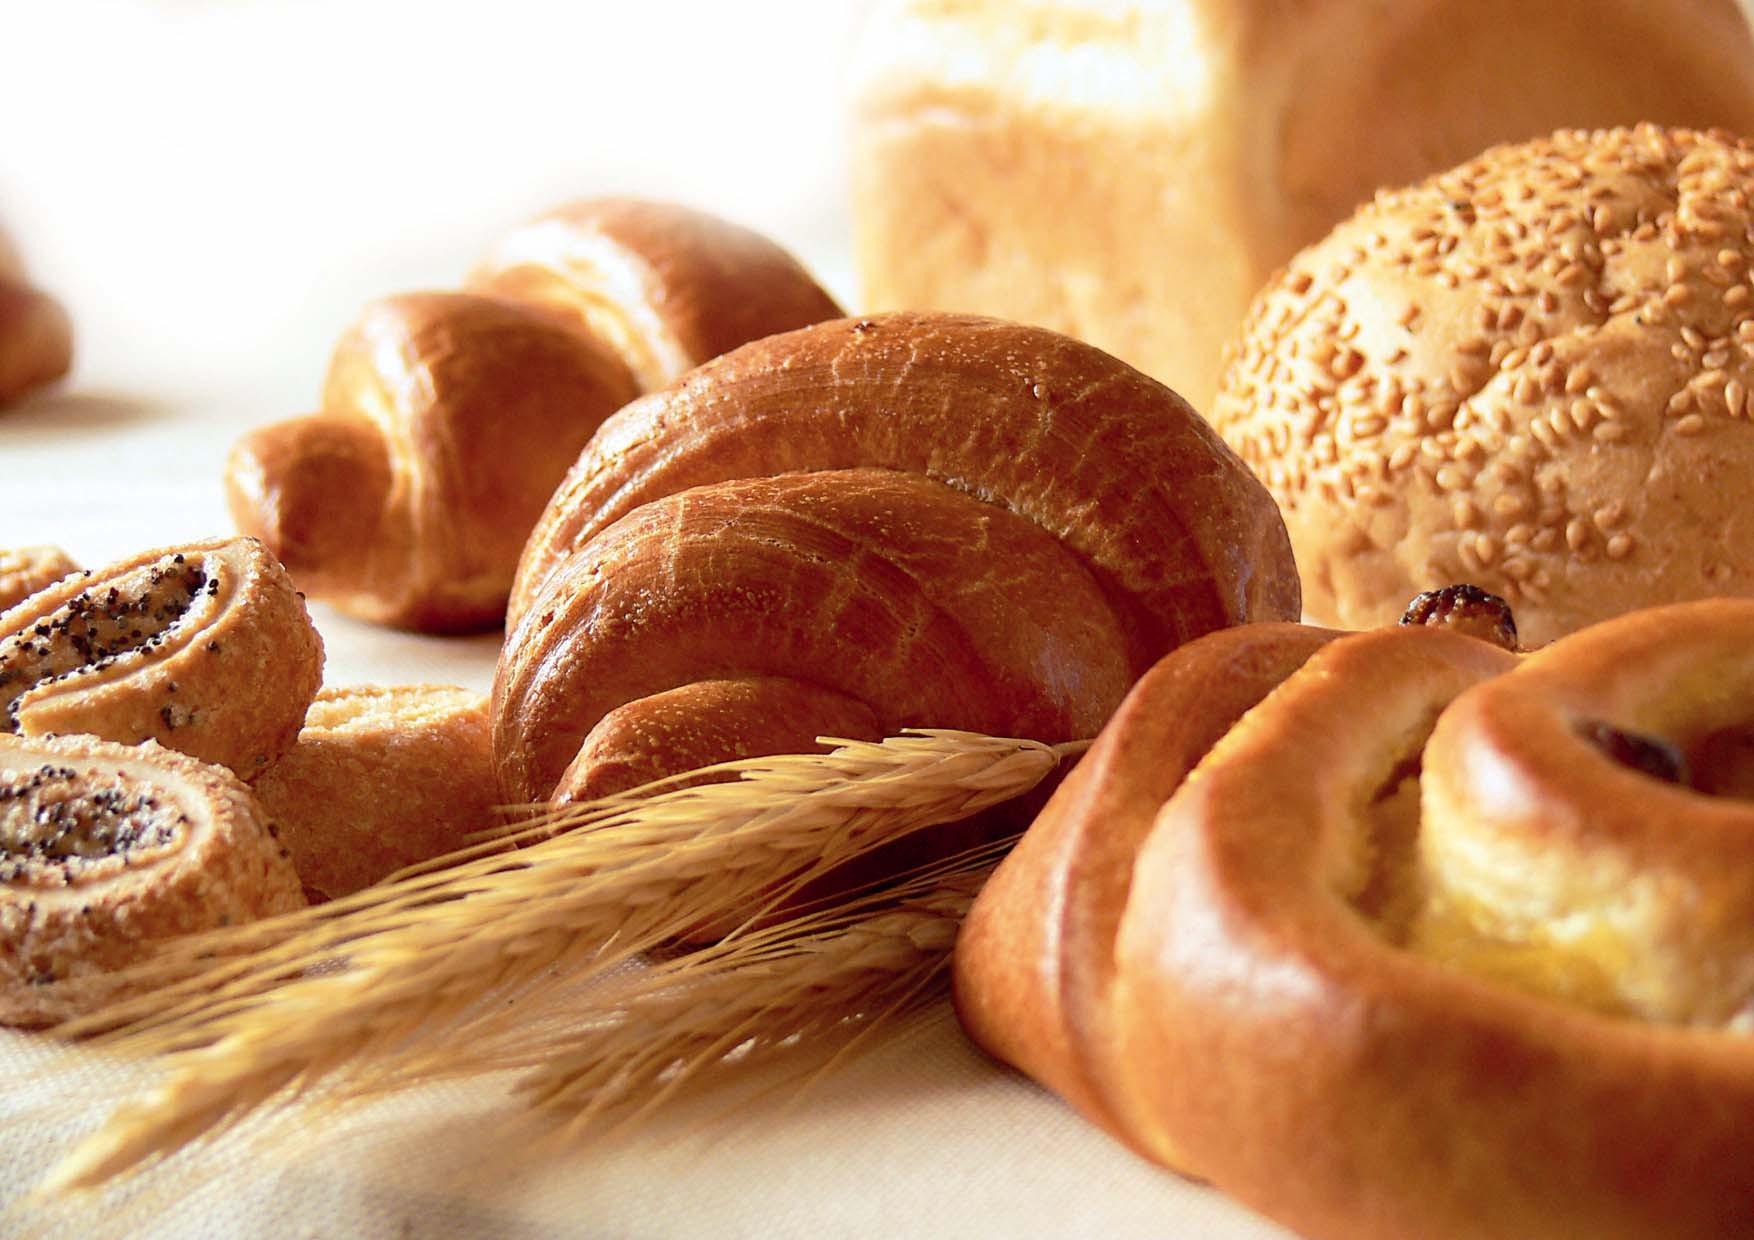 Объем производства хлеба и хлебобулочных изделий в Украине снизился на 11,2%